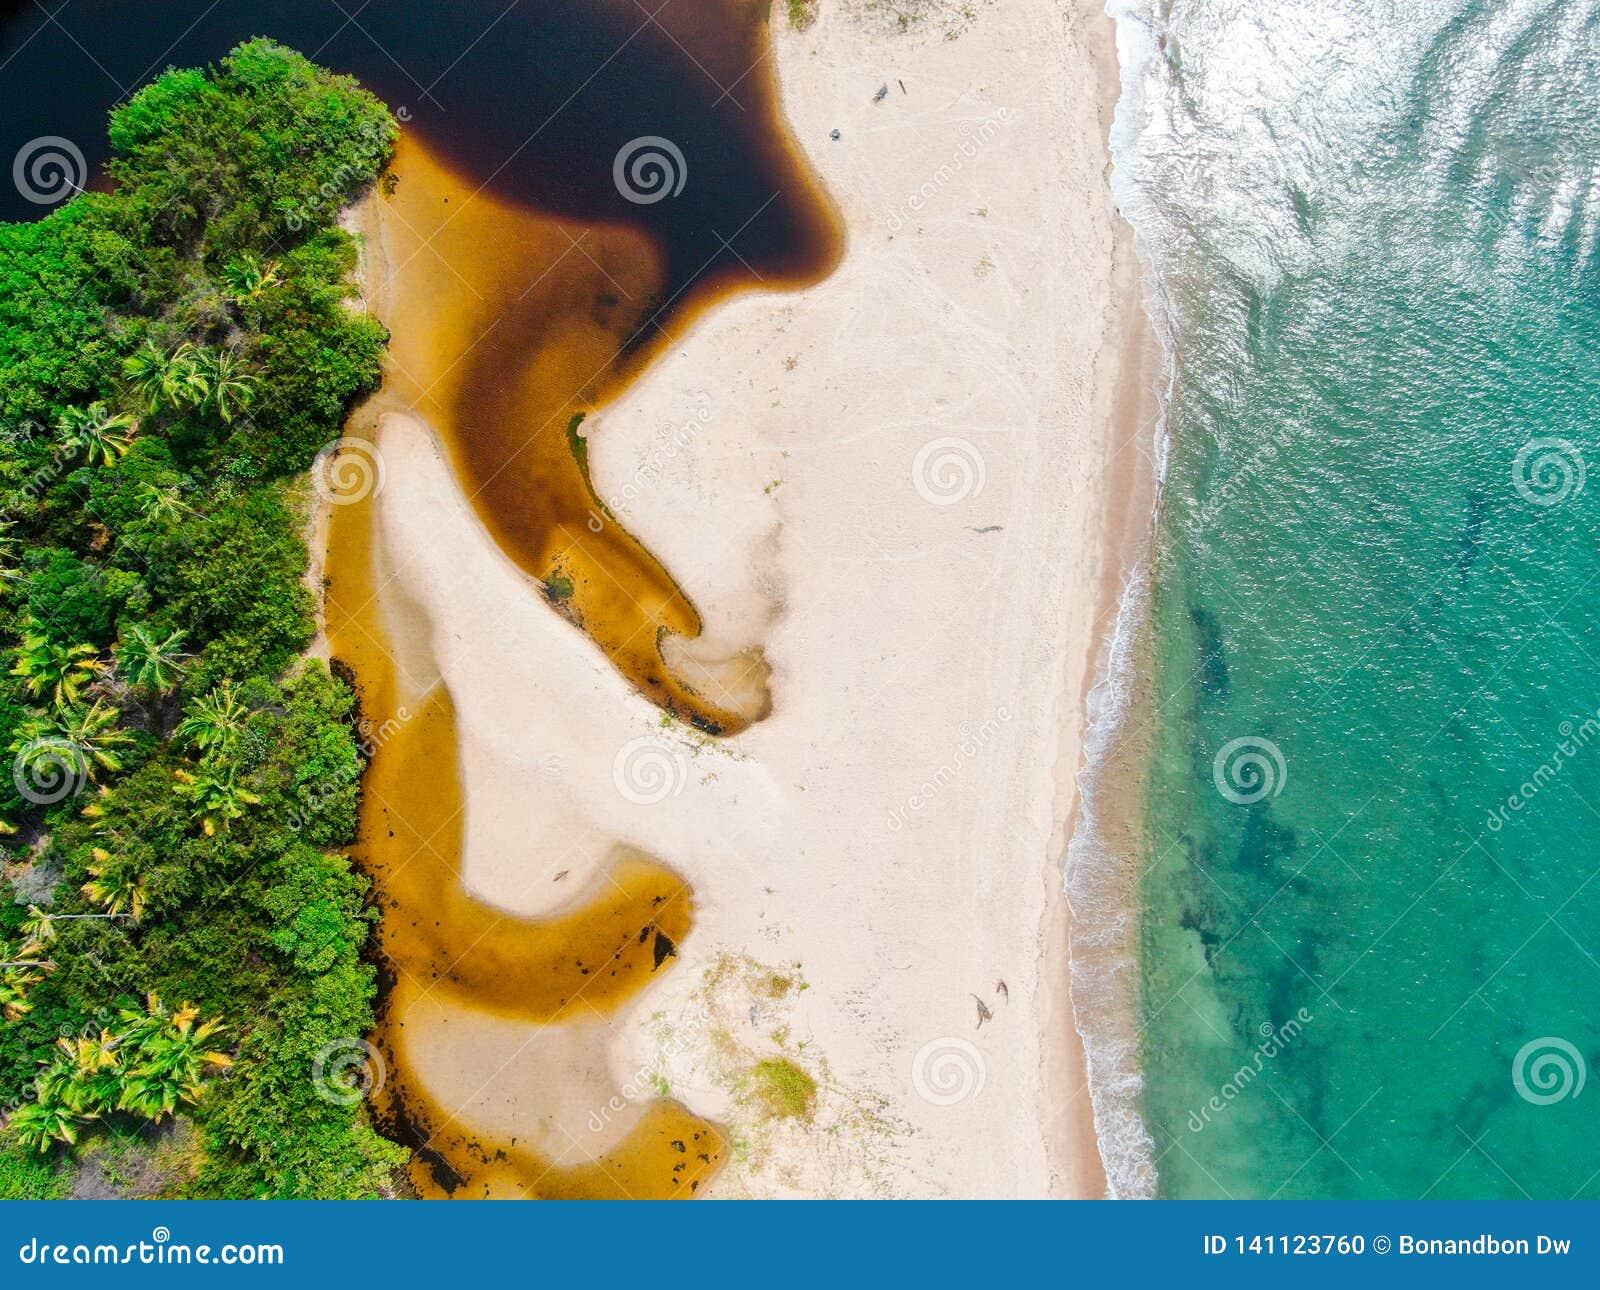 合并对热带白色沙滩和绿松石明白海水的河空中顶视图